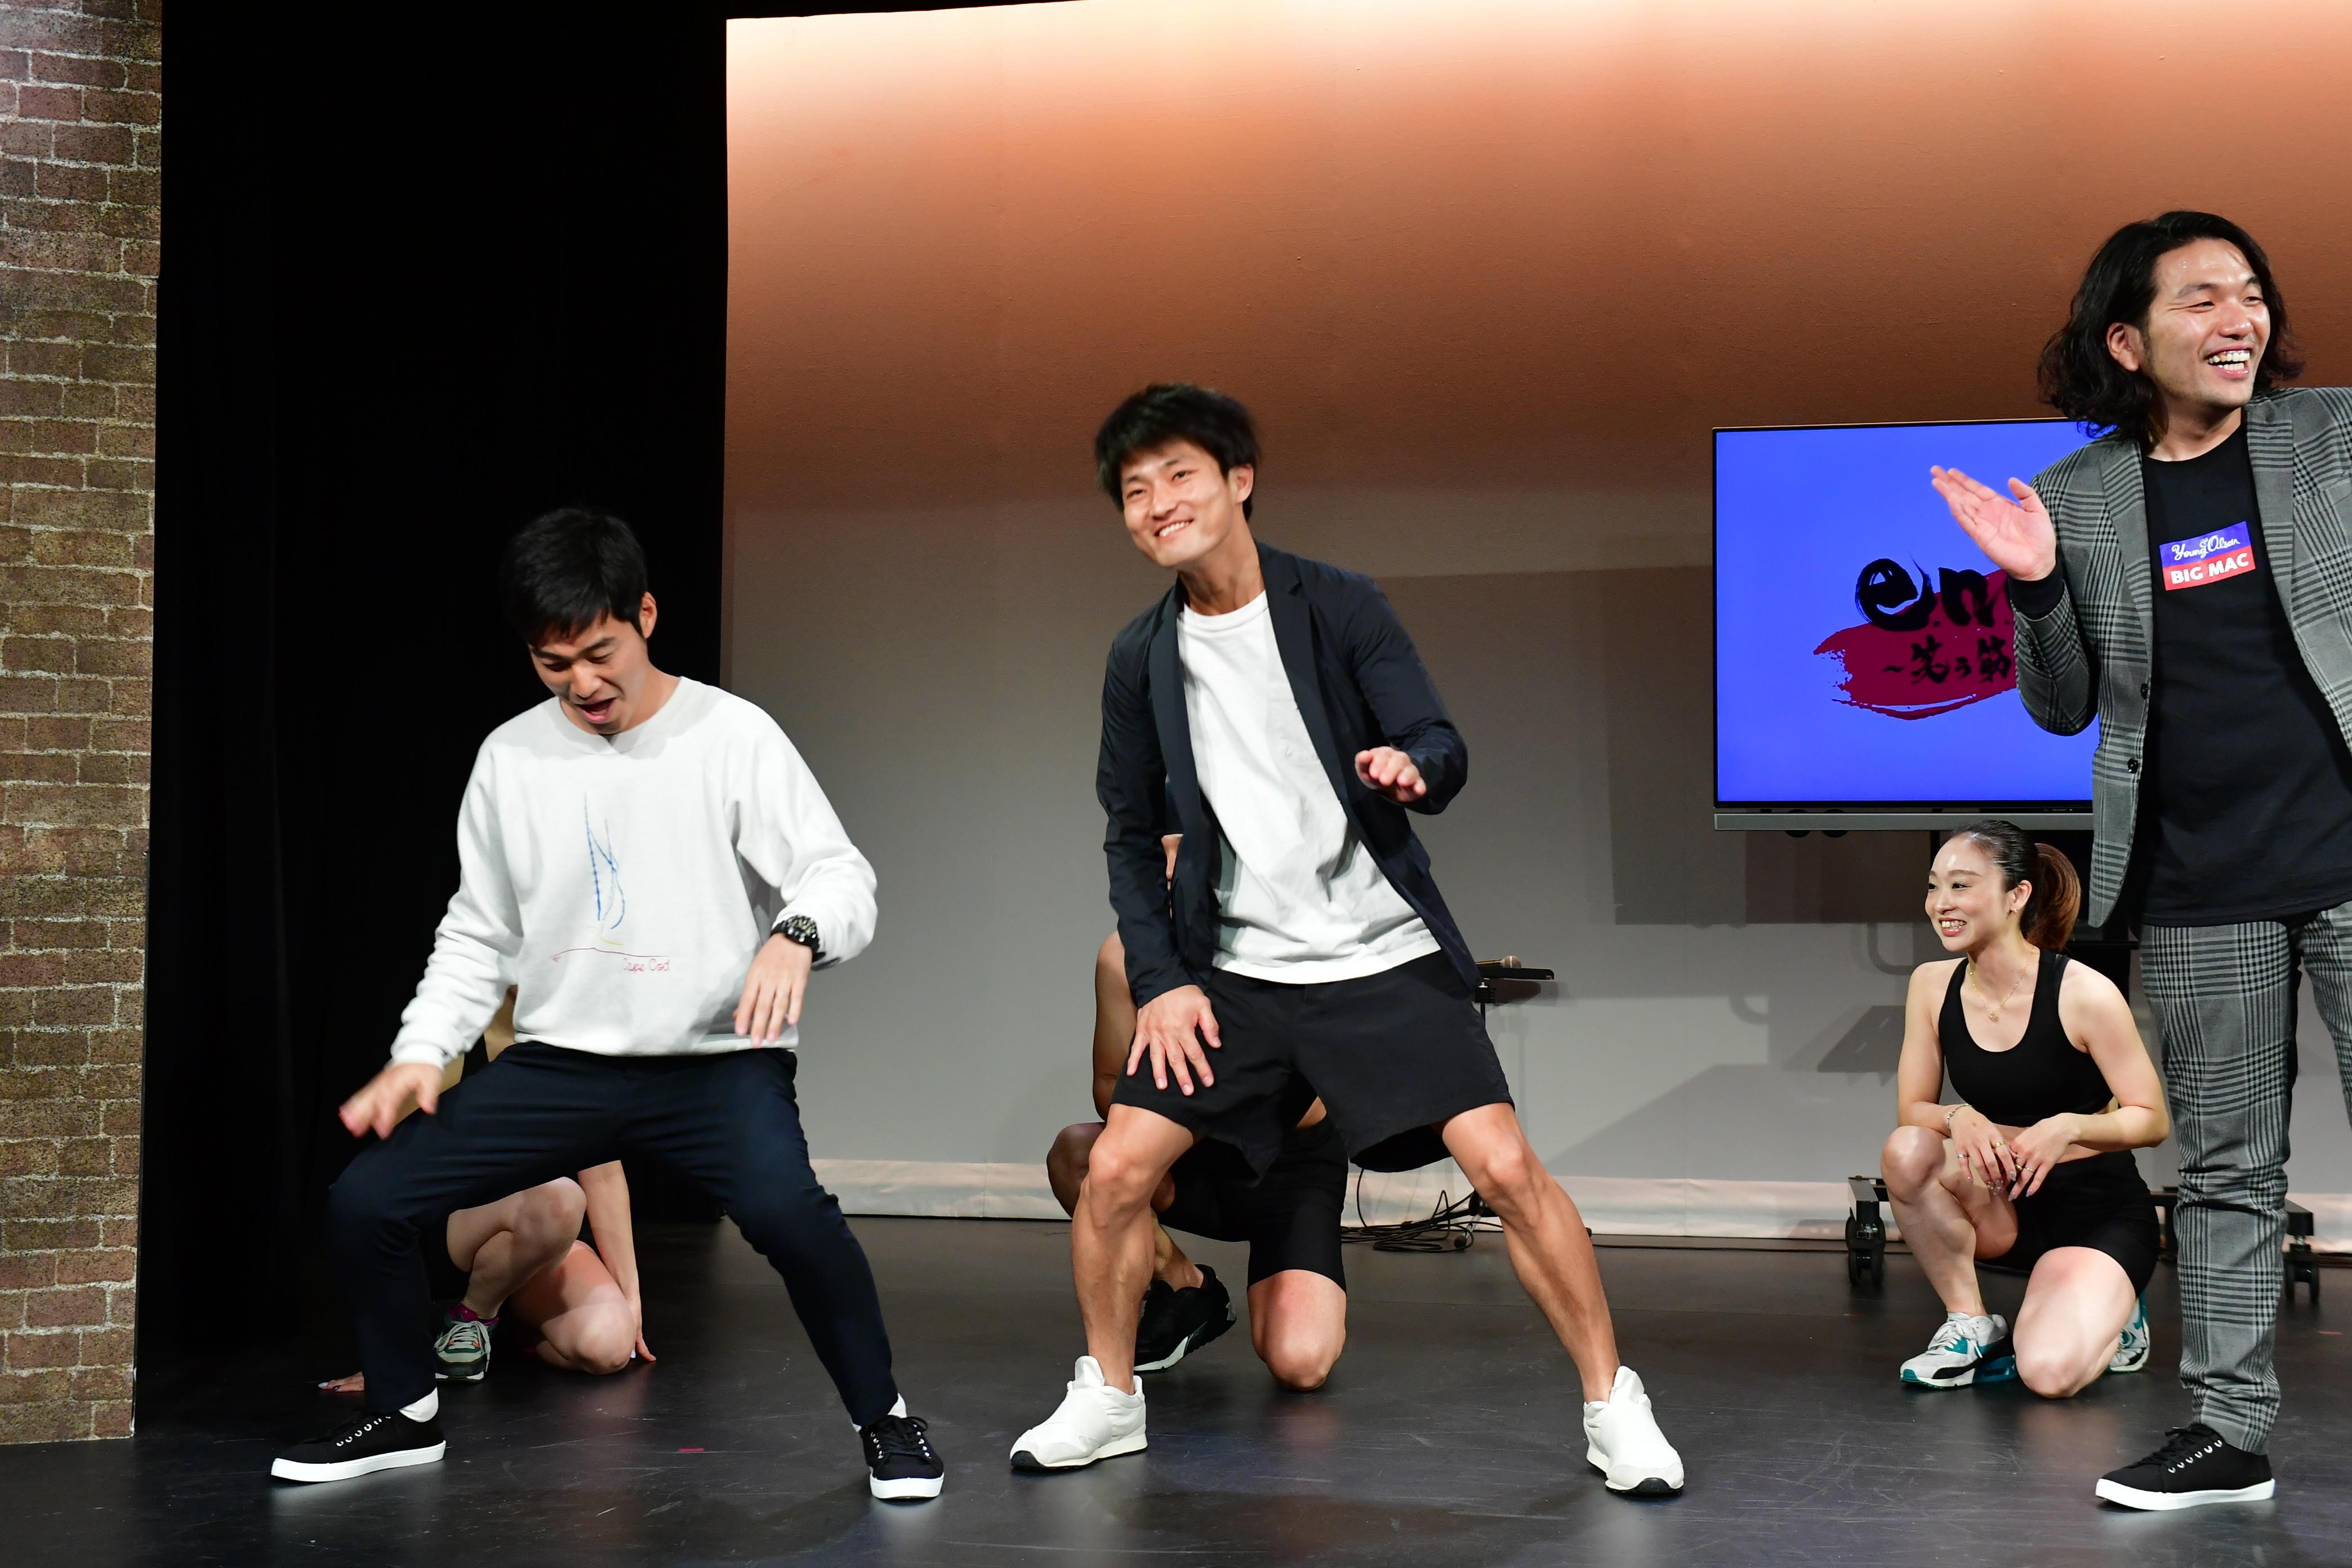 http://news.yoshimoto.co.jp/20181206204953-ff62de10ff0b4955d90ea44fe390264747c0d018.jpg